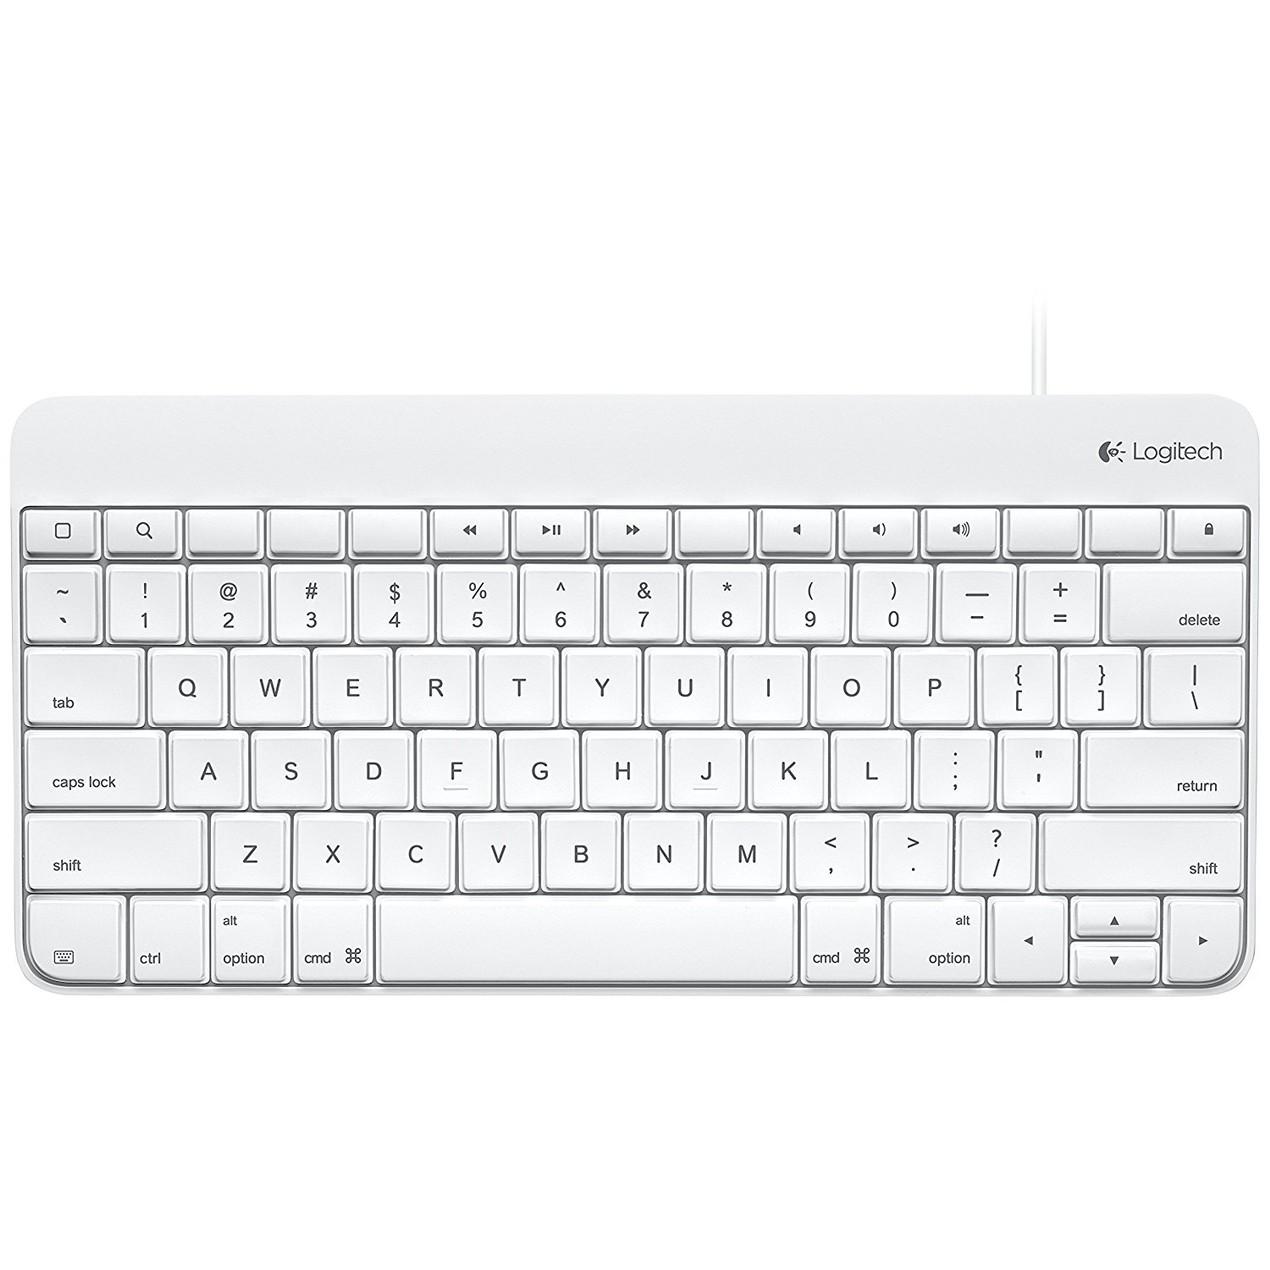 Logitech Wired Keyboard for iPad 1/2/3 - 920-006340 - Tanga